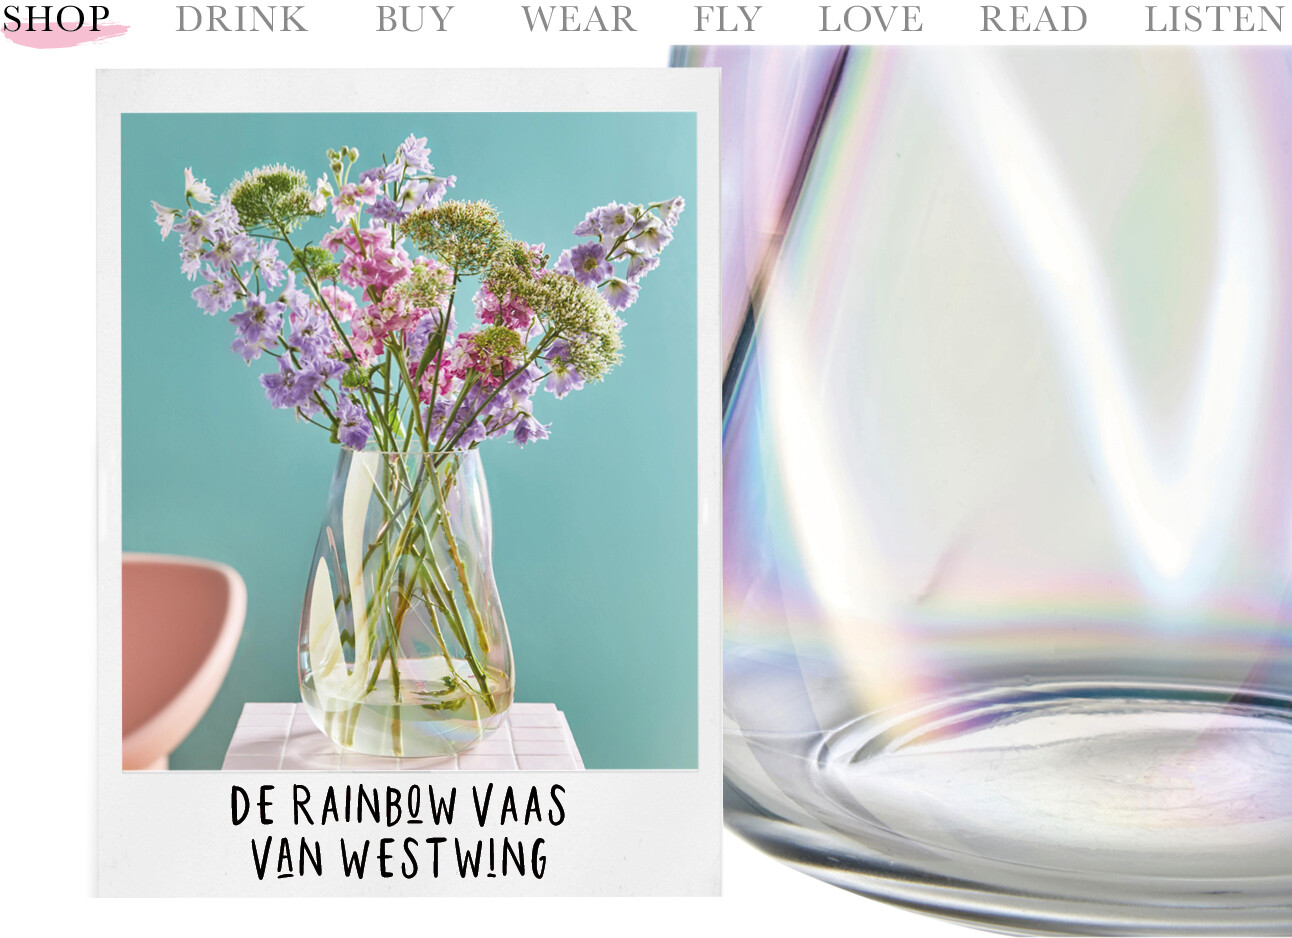 de Rainbow vaas van Westwing